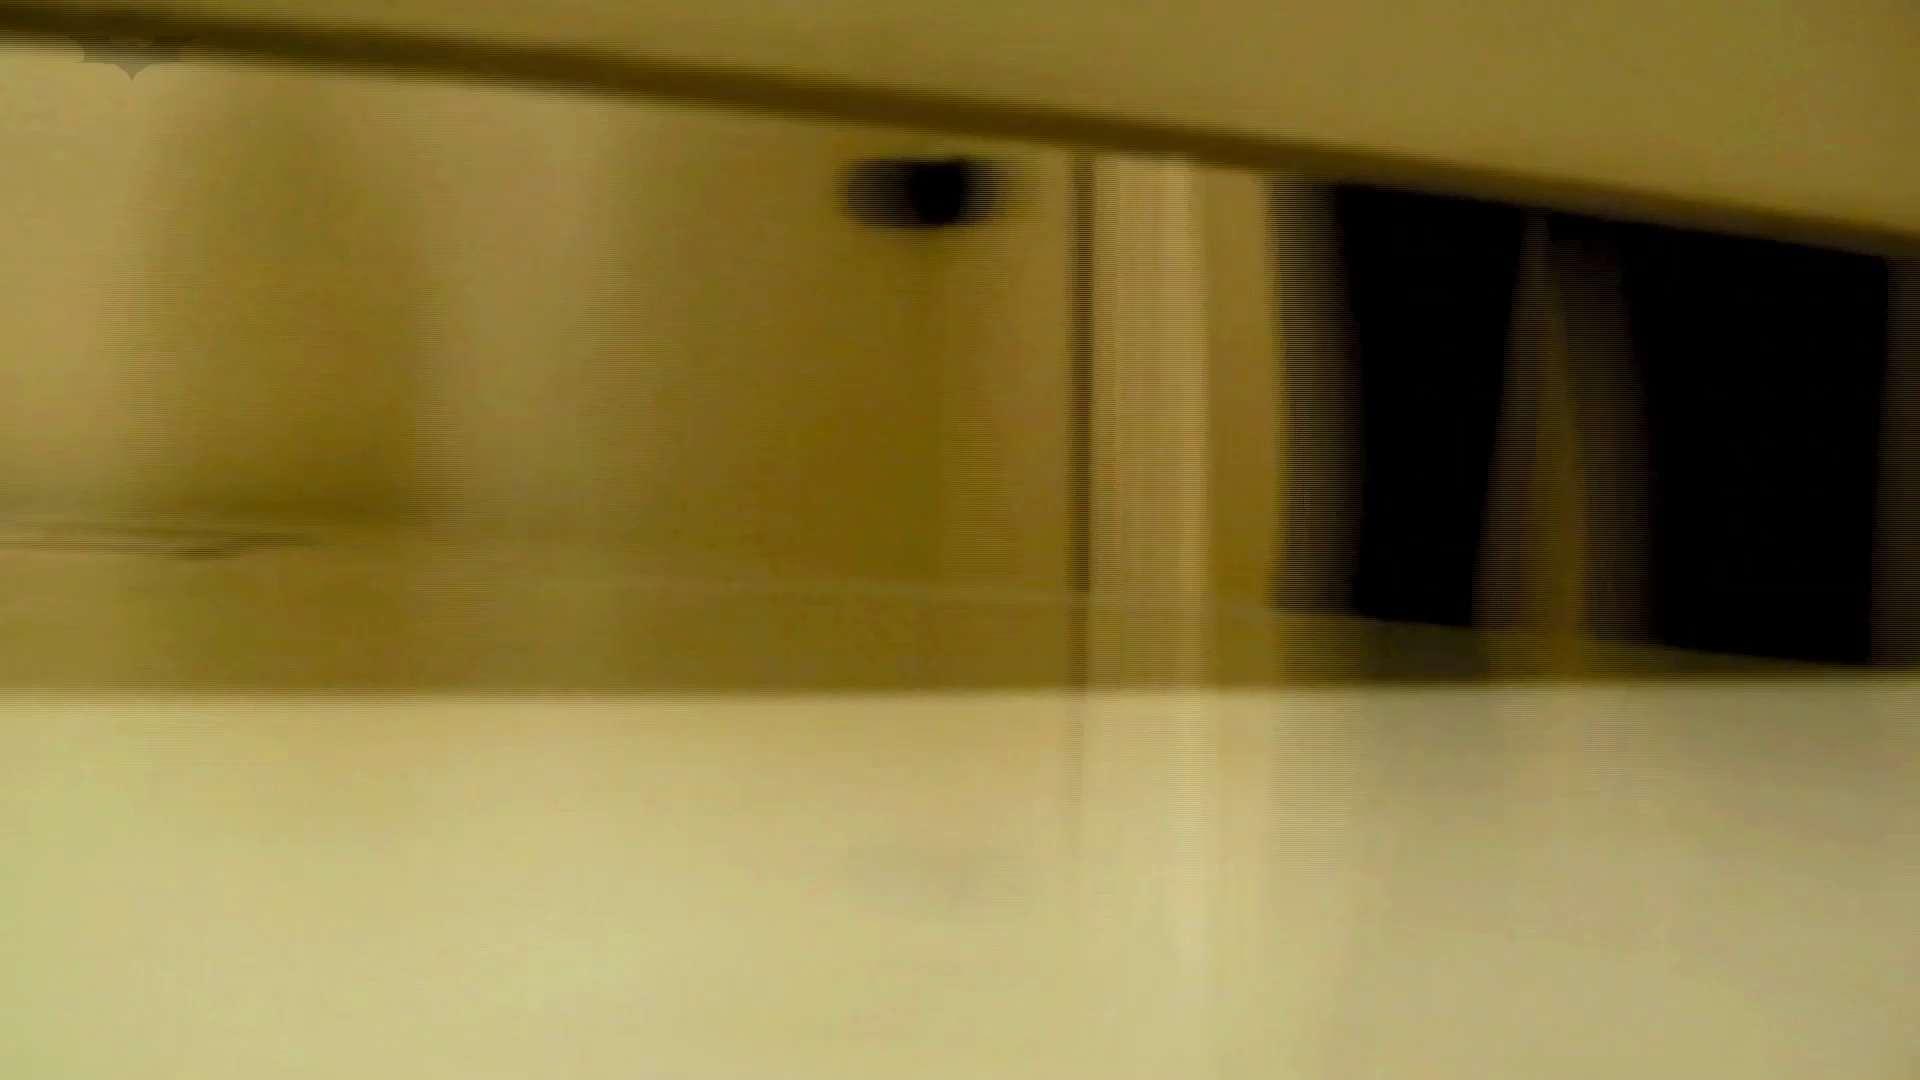 新世界の射窓 No78 トリンドル 玲奈似登場シリーズ美女率最高作! 美女  109pic 36